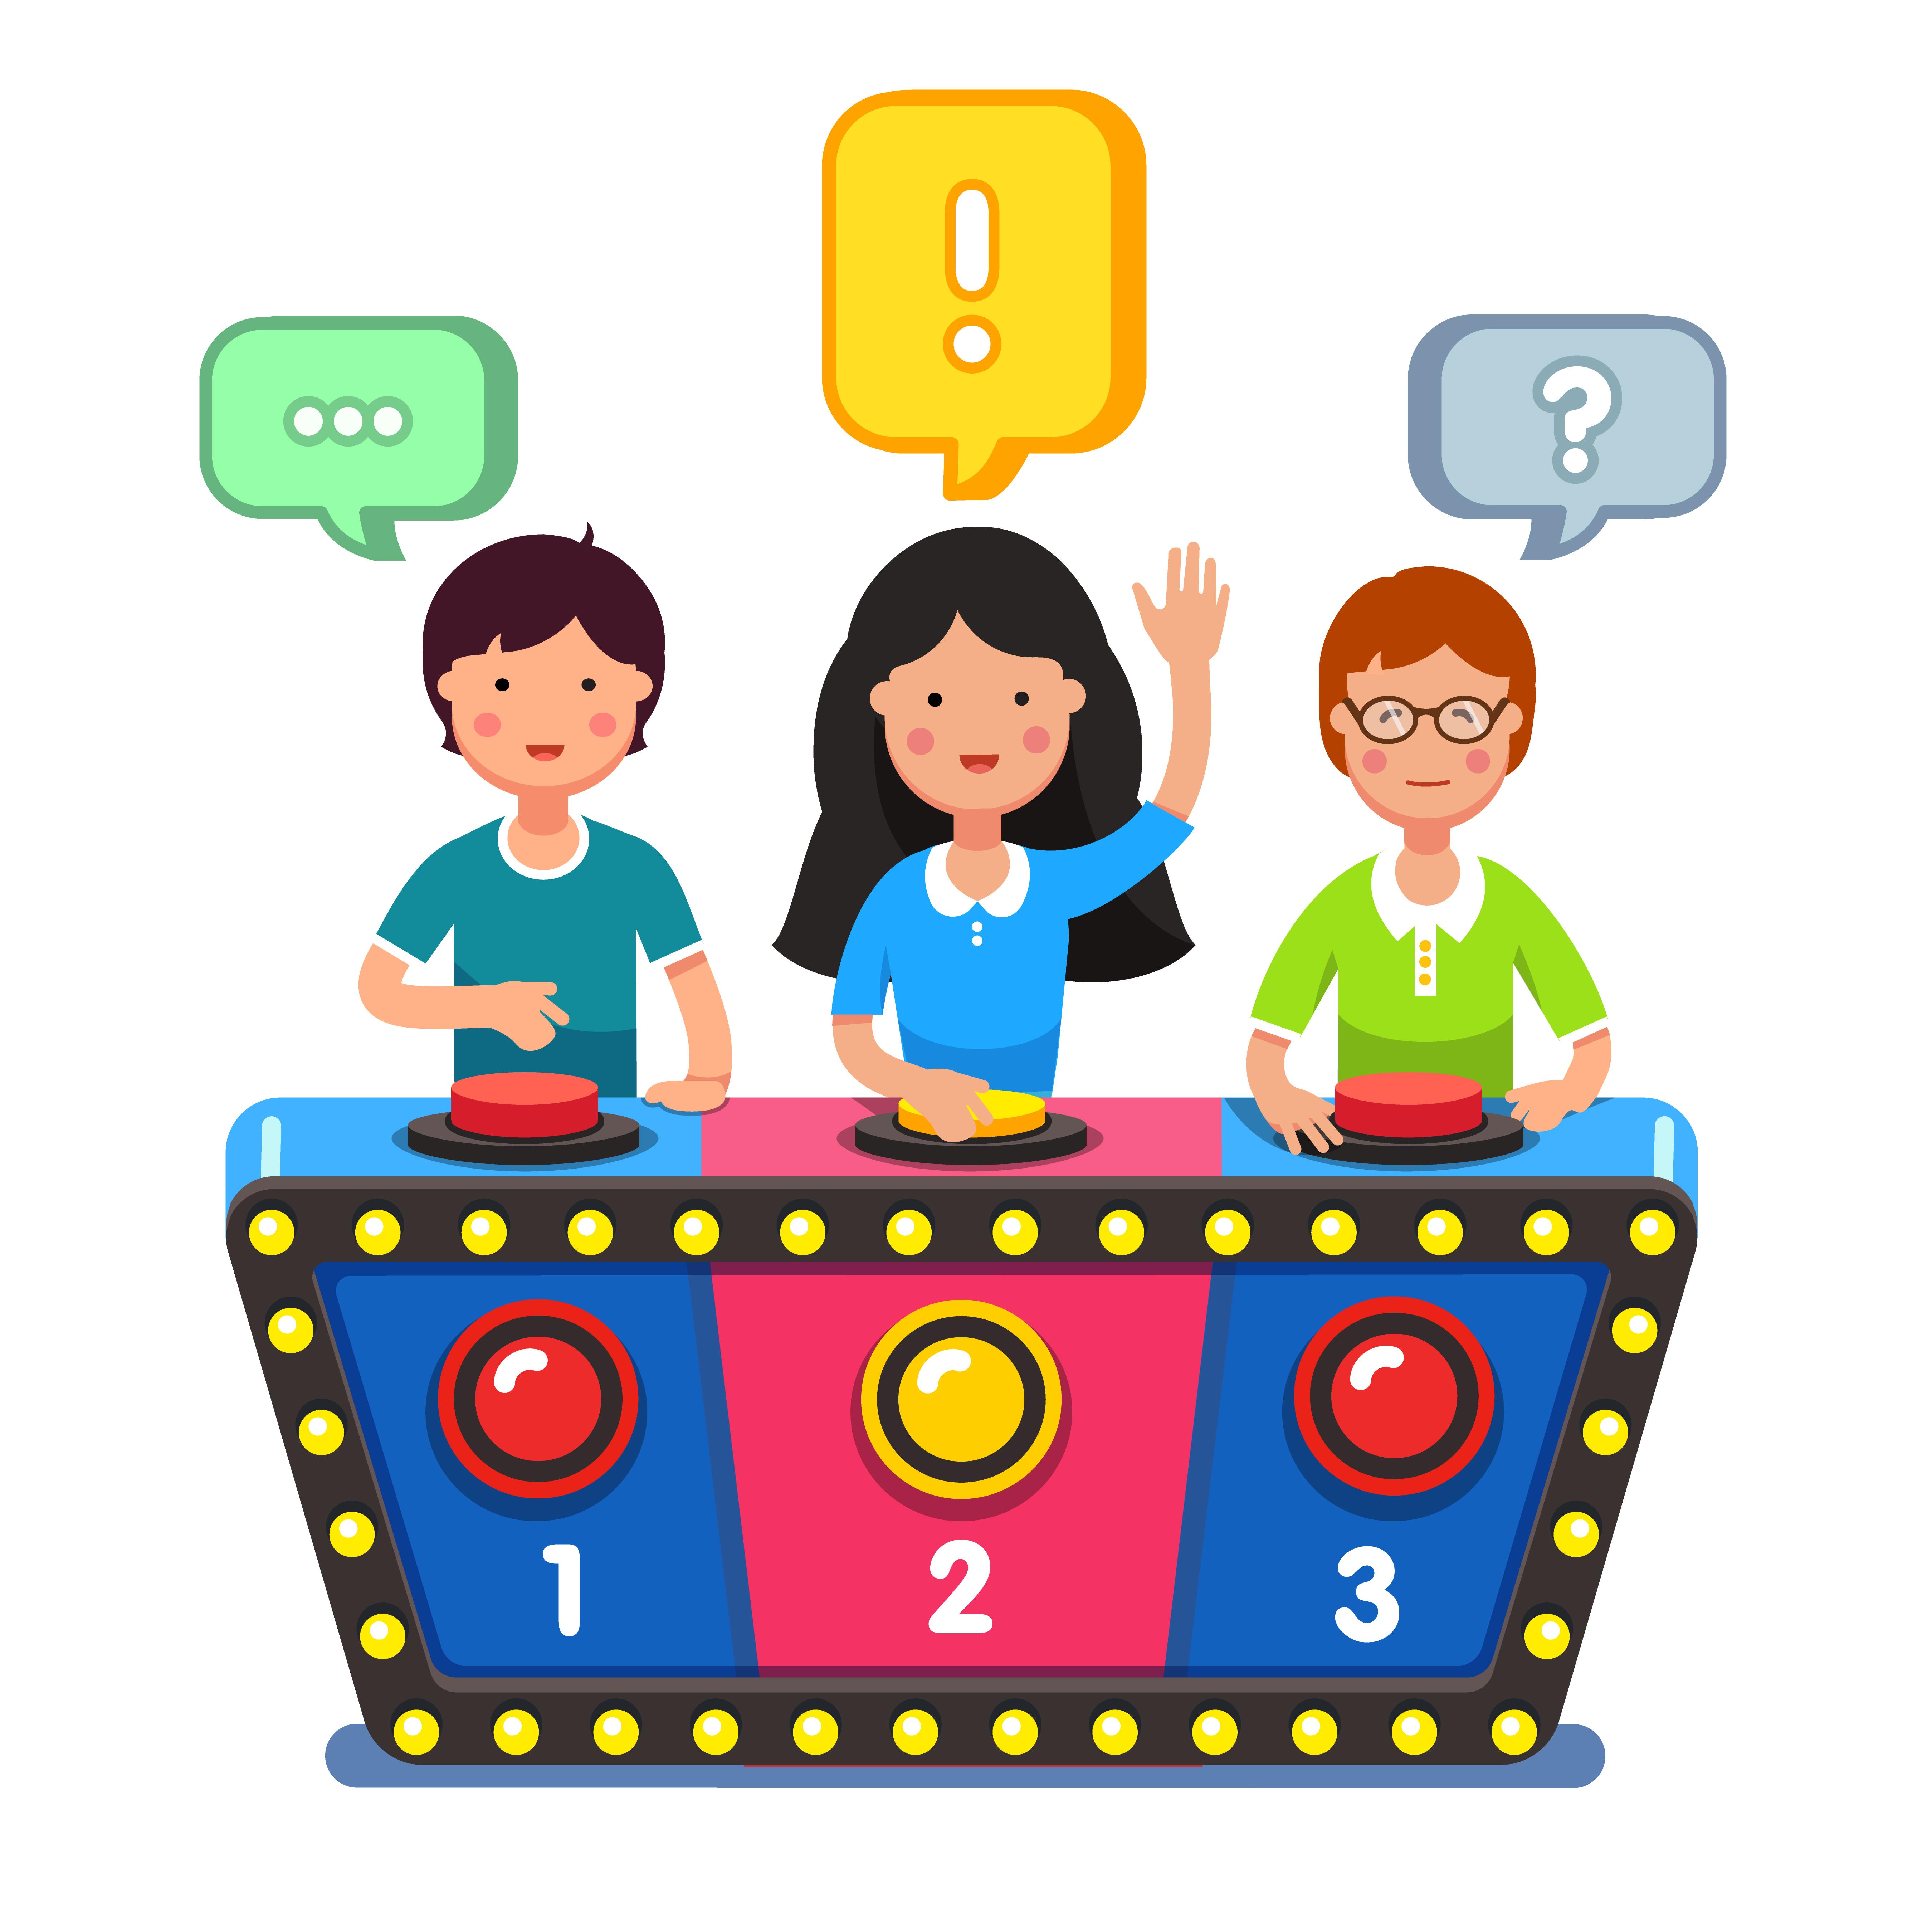 quiz pult med deltagere klar til at quizze